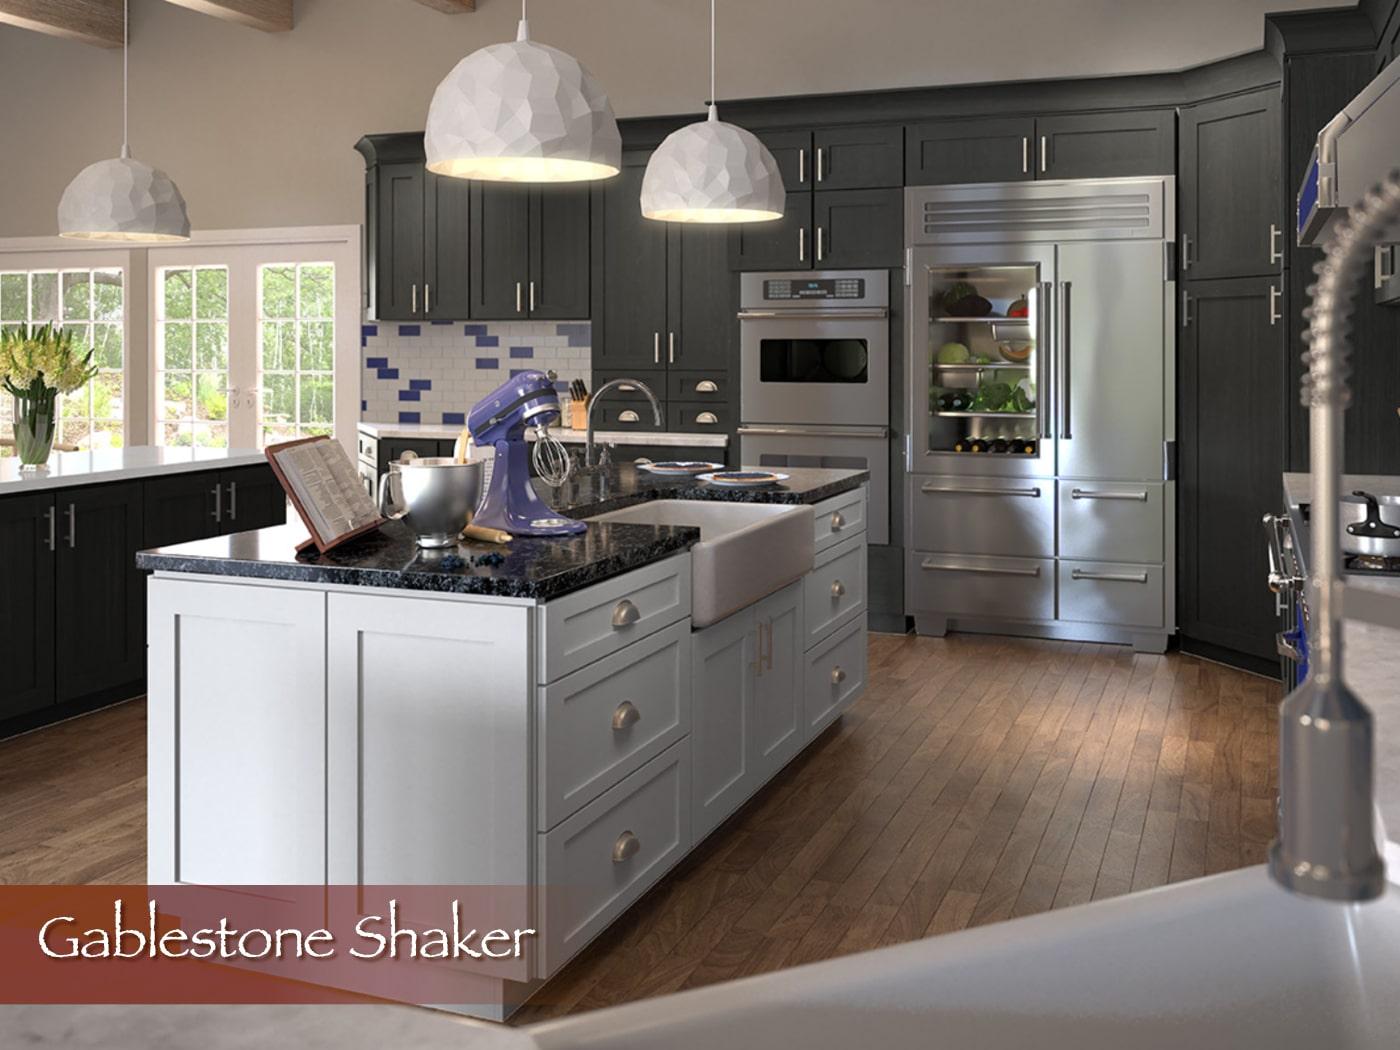 Gablestone Shaker